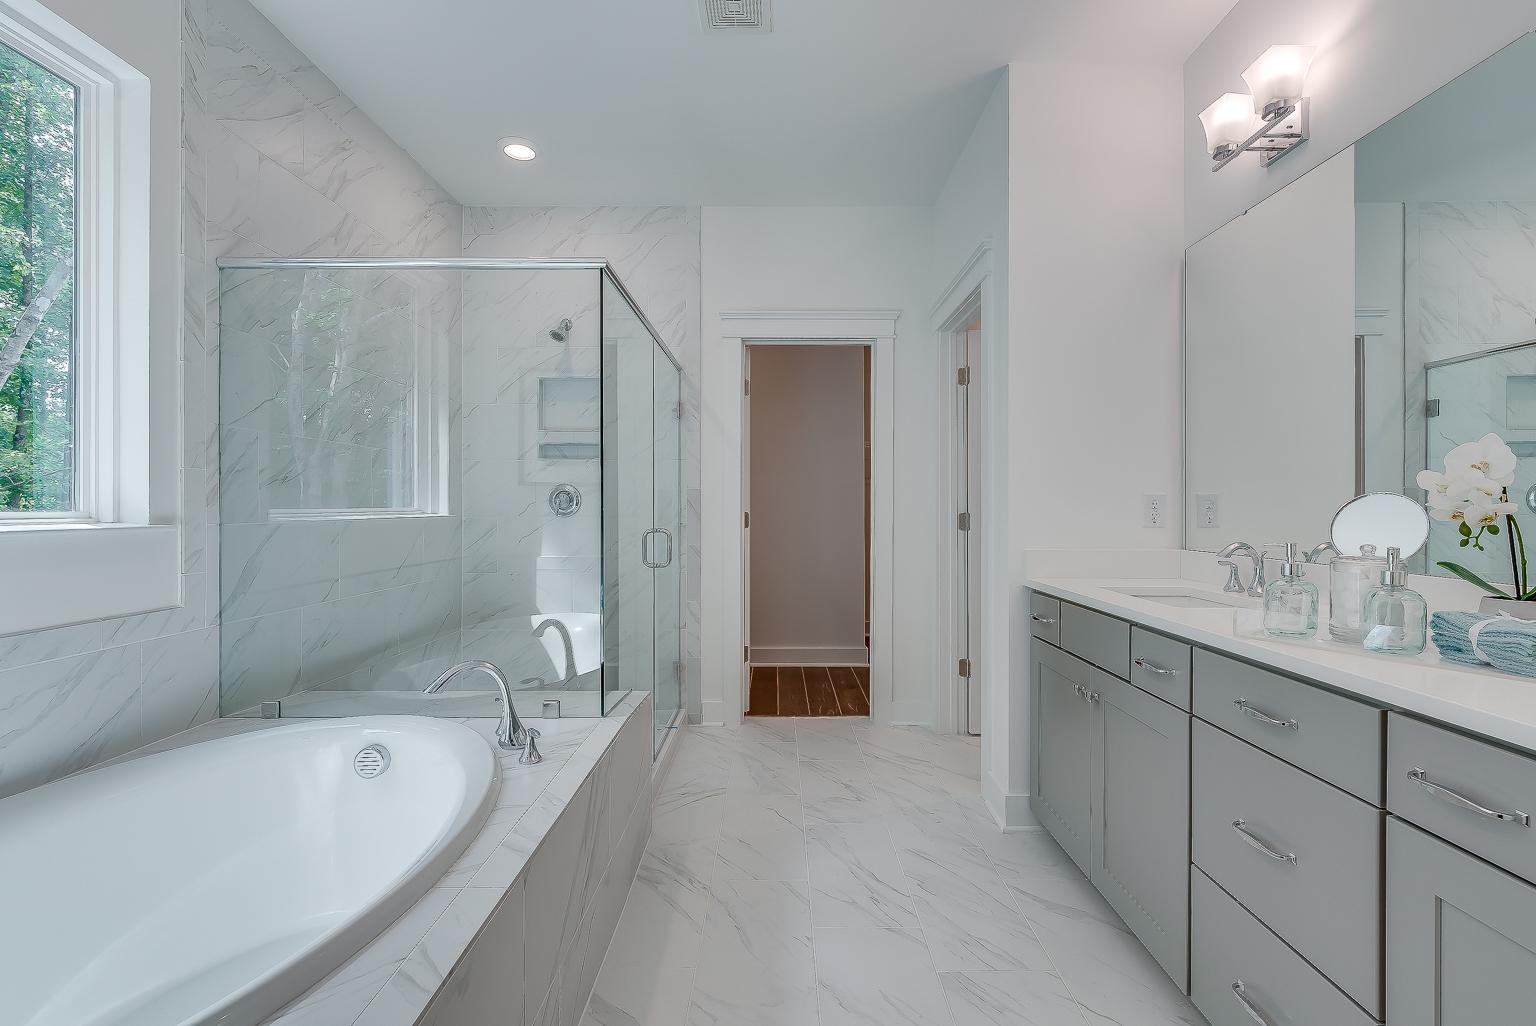 Vanderhorst Owner's Bath